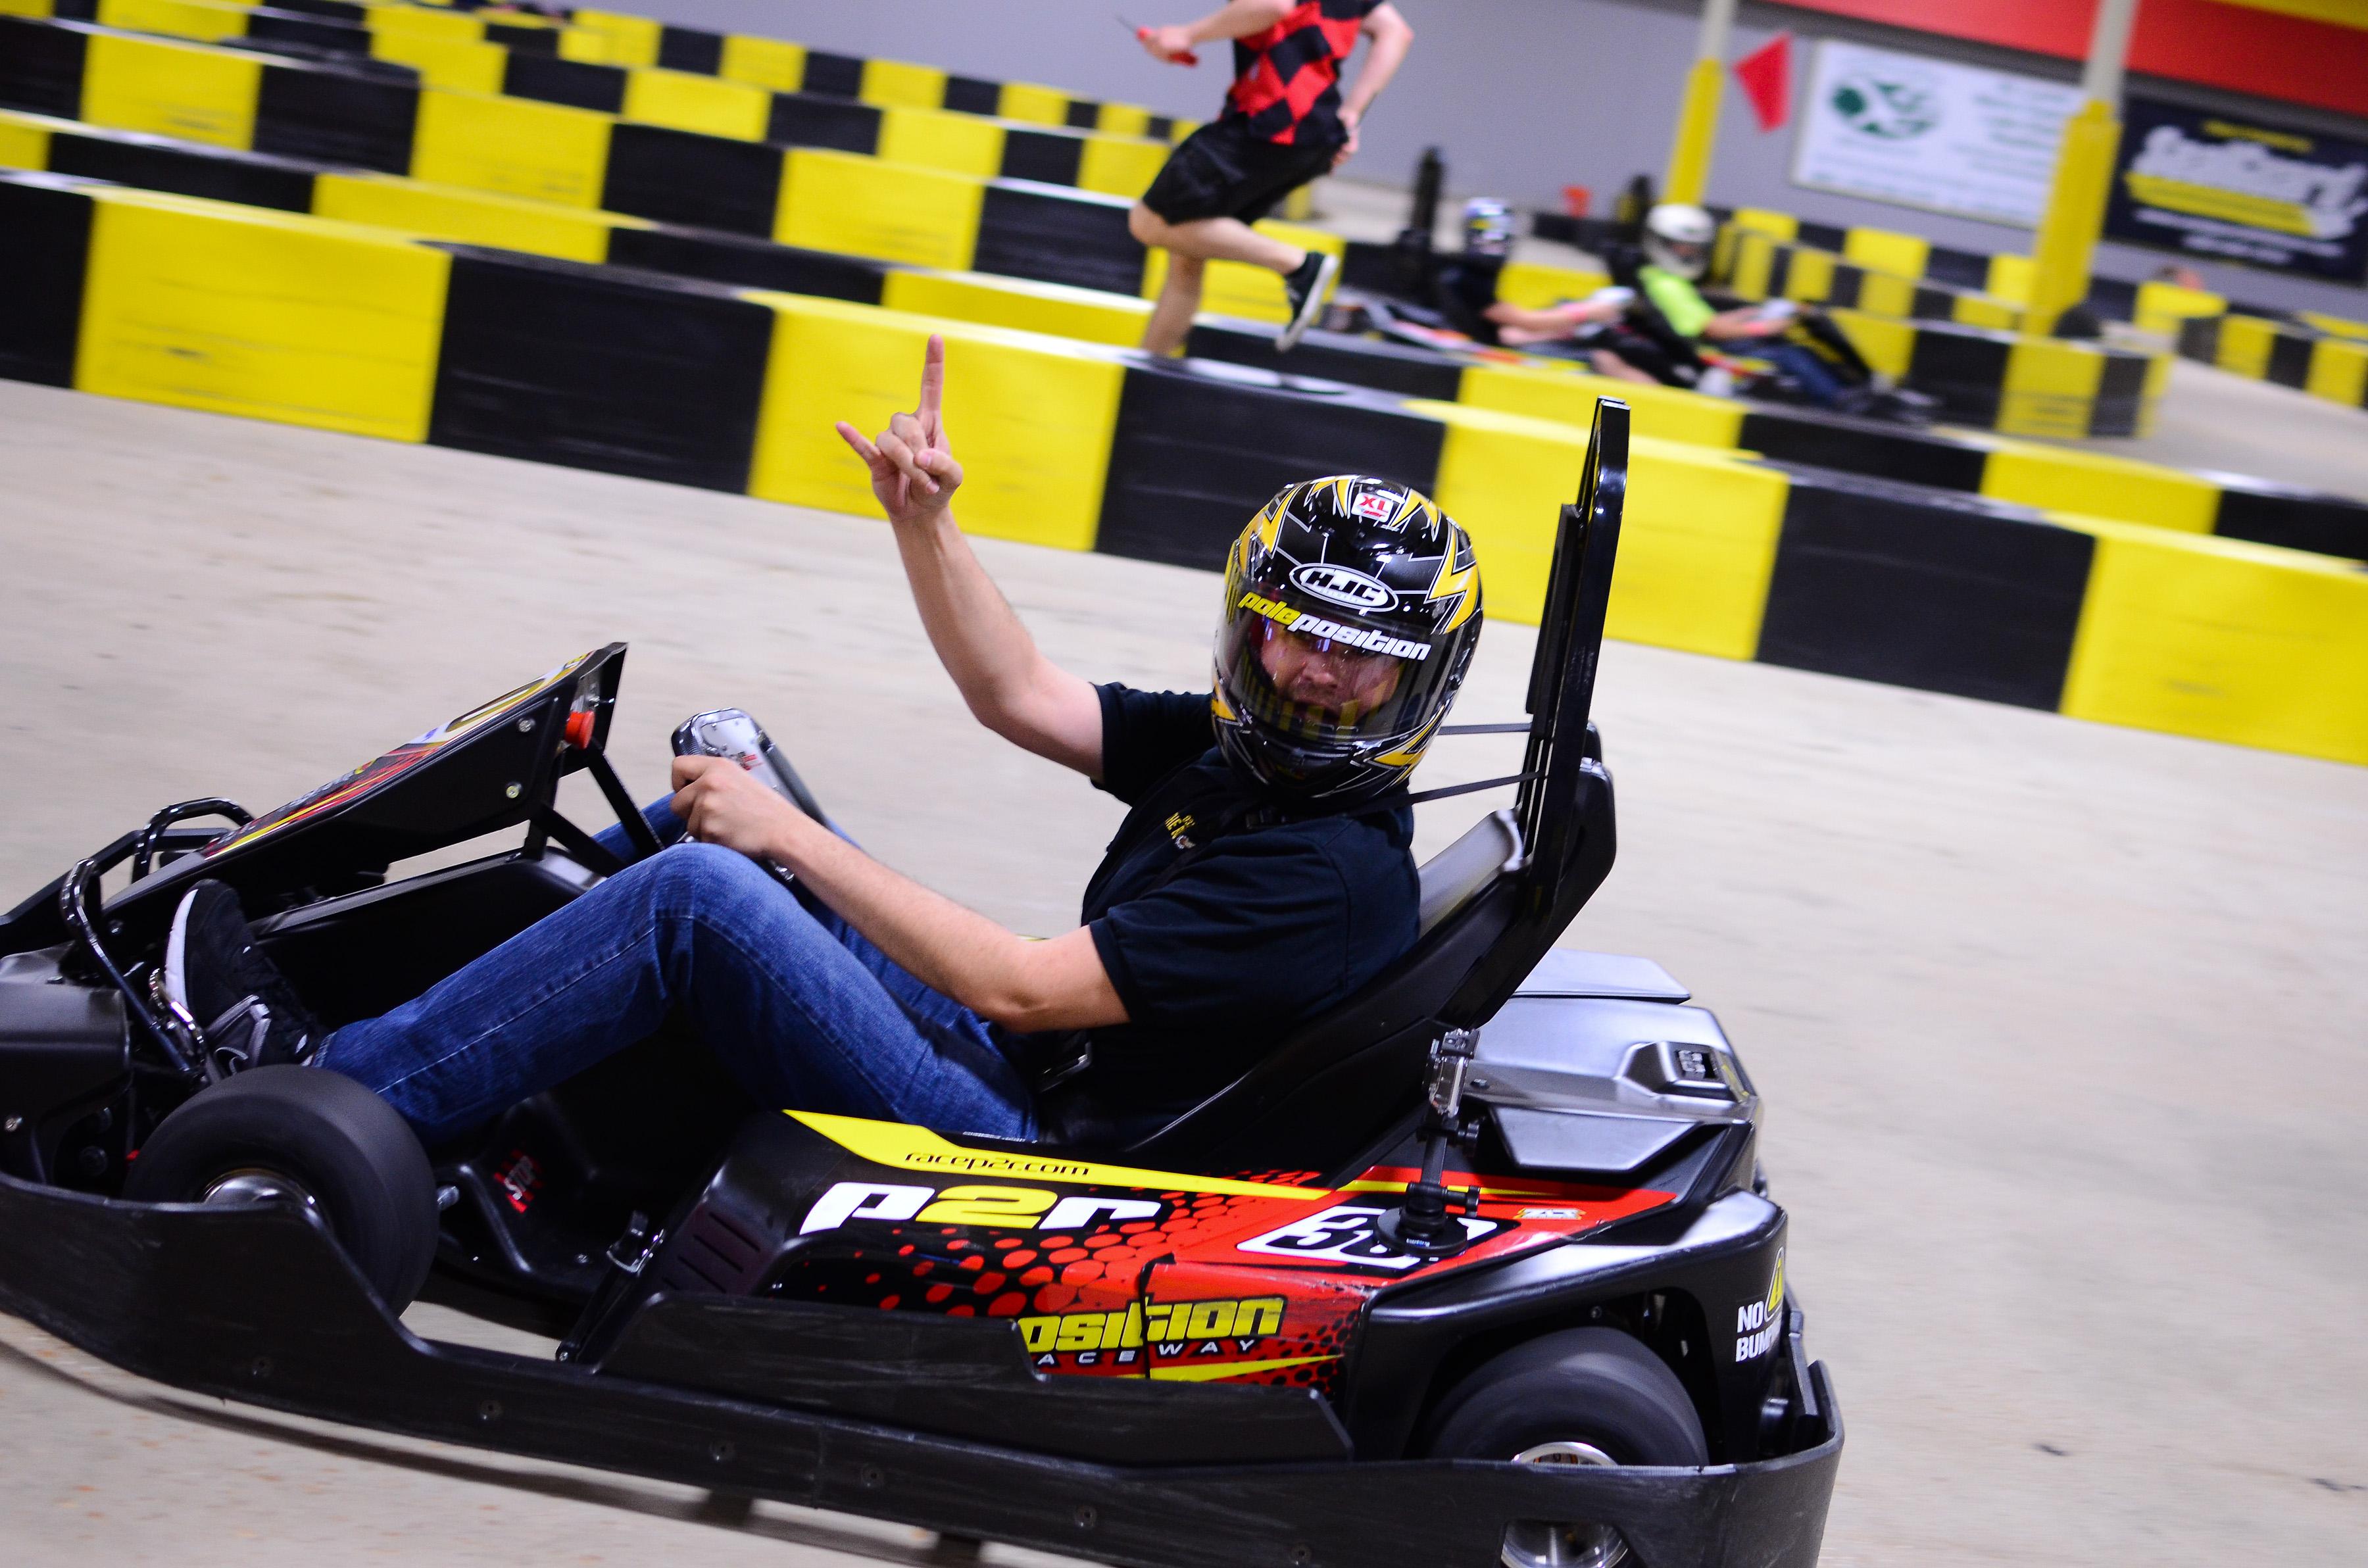 Pole Position Raceway St. Louis image 0